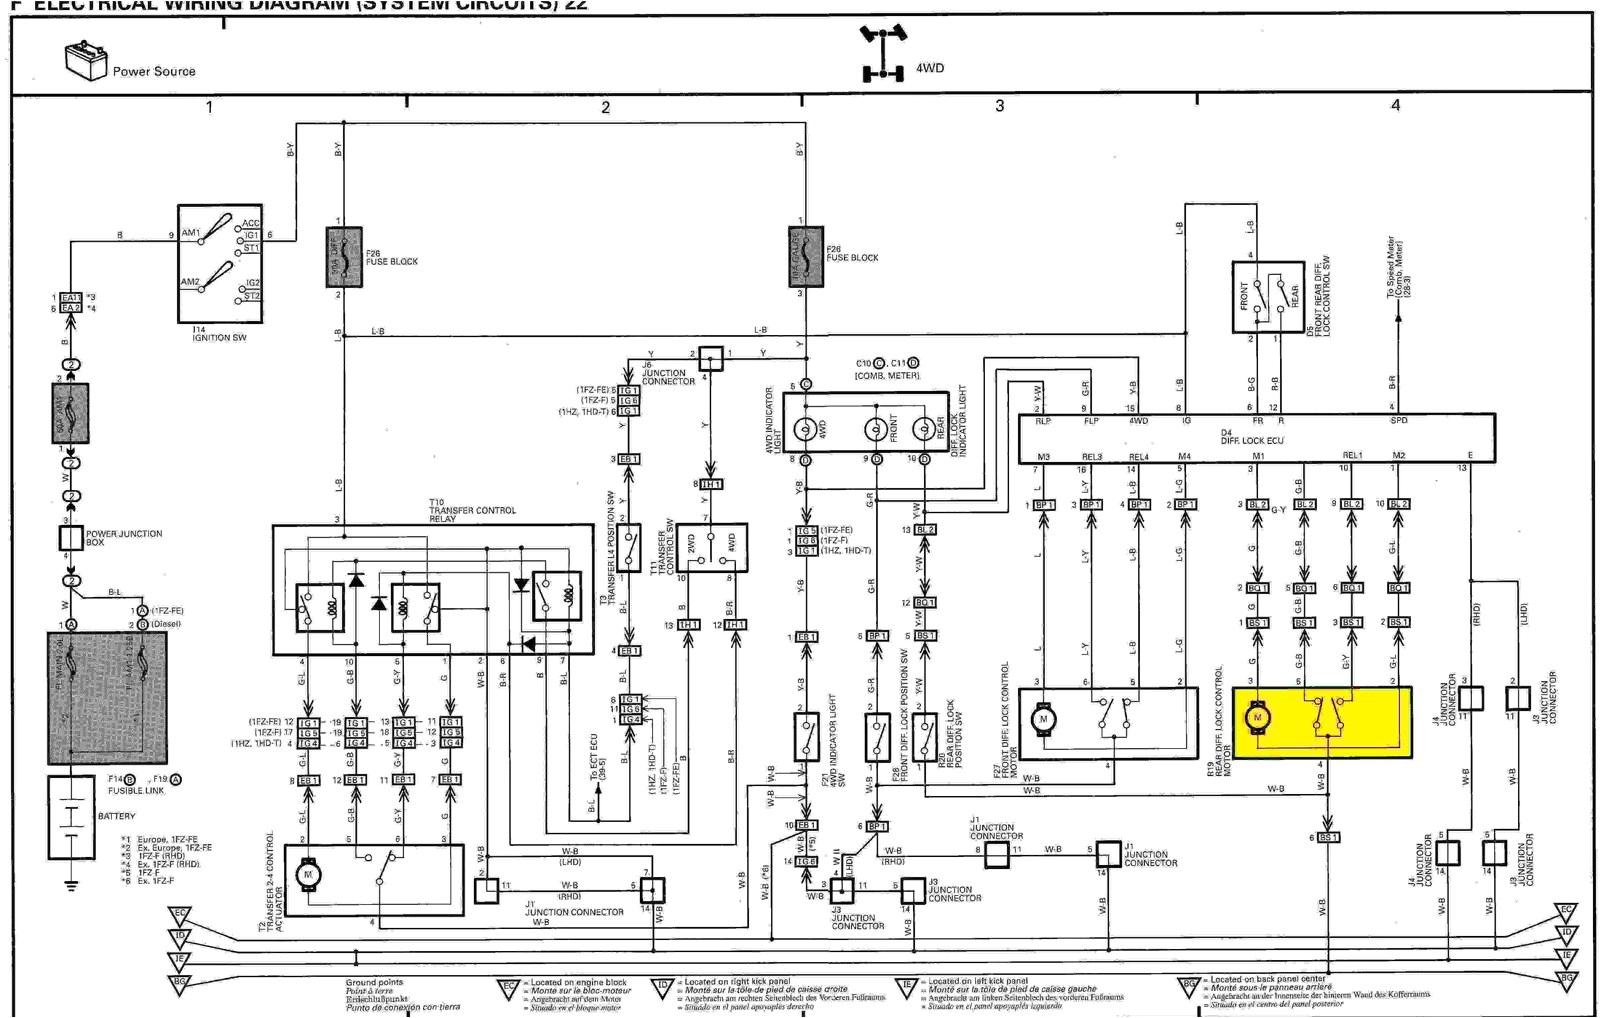 land cruiser wiring diagram data at 80 series landcruiser